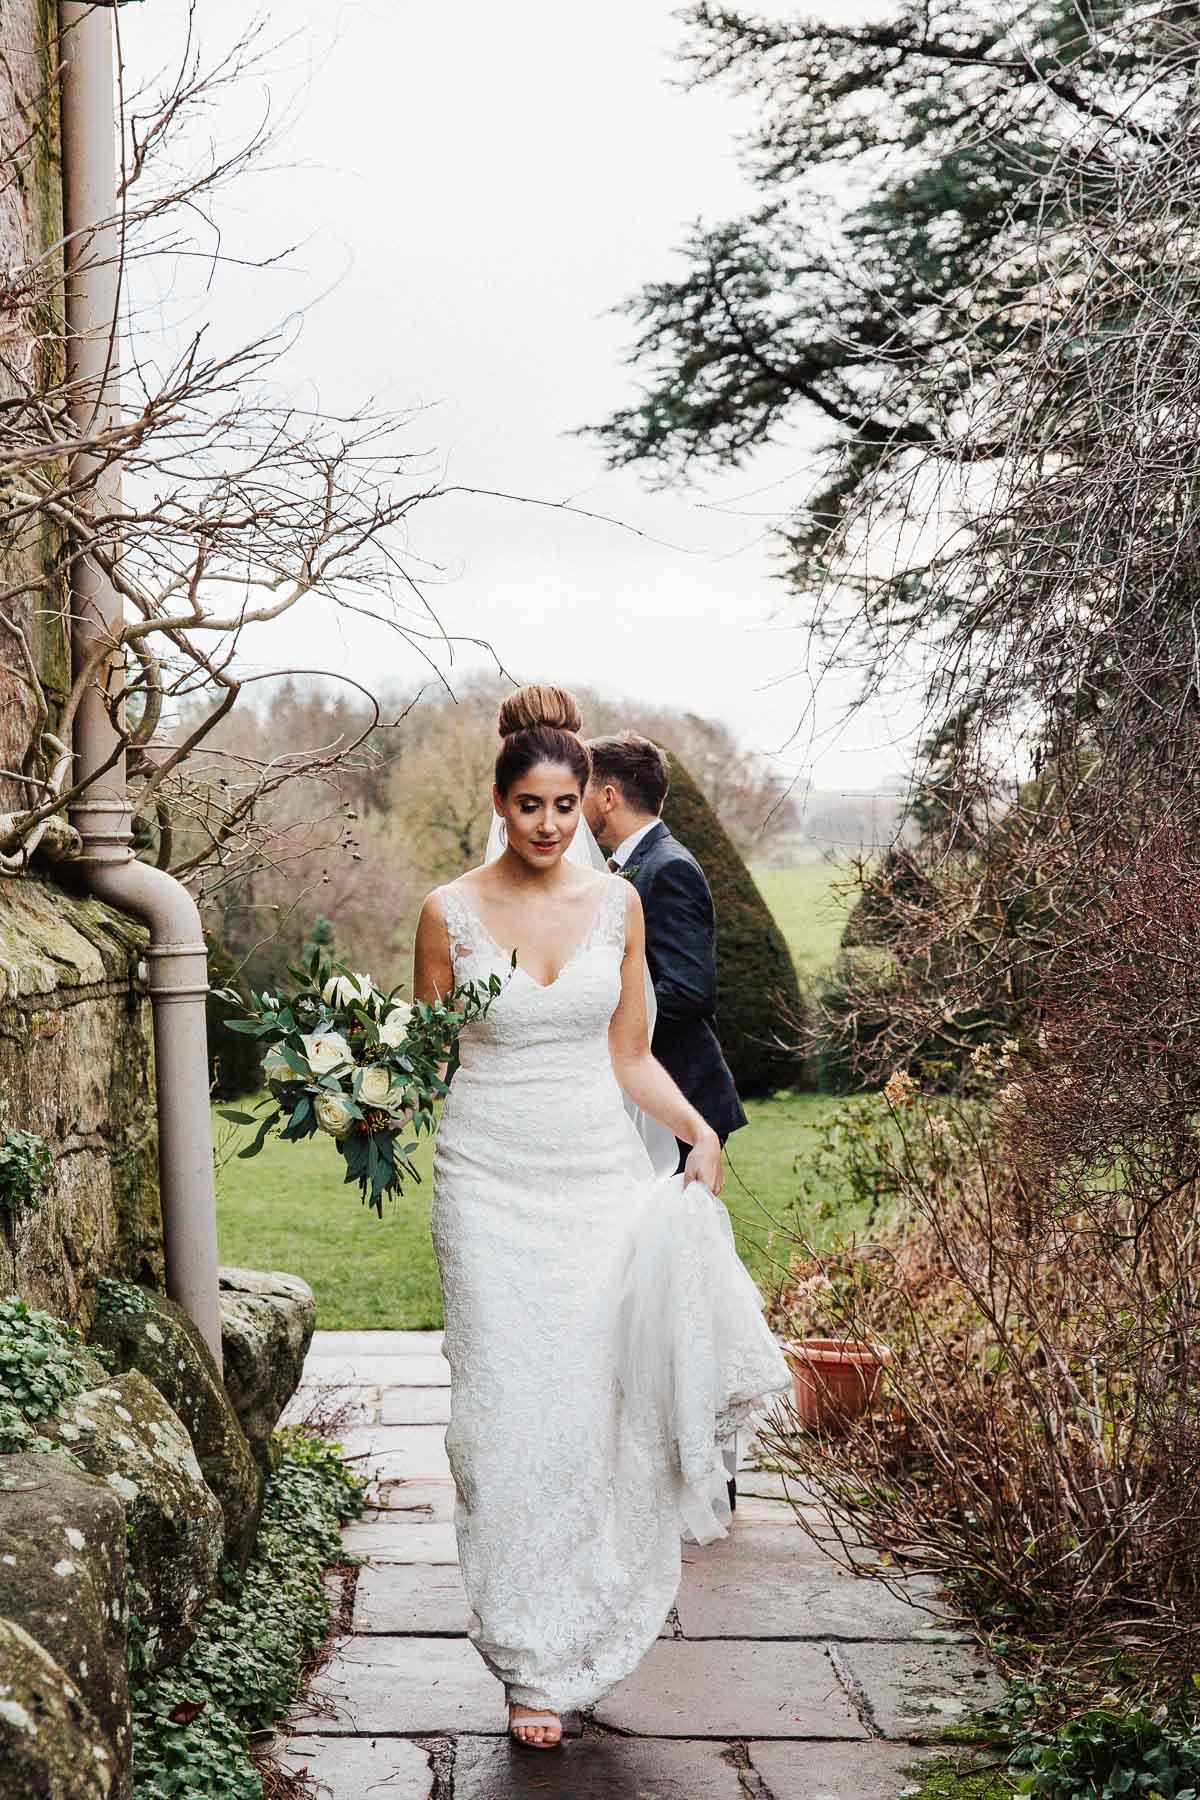 Winter bride walking in a lace dress